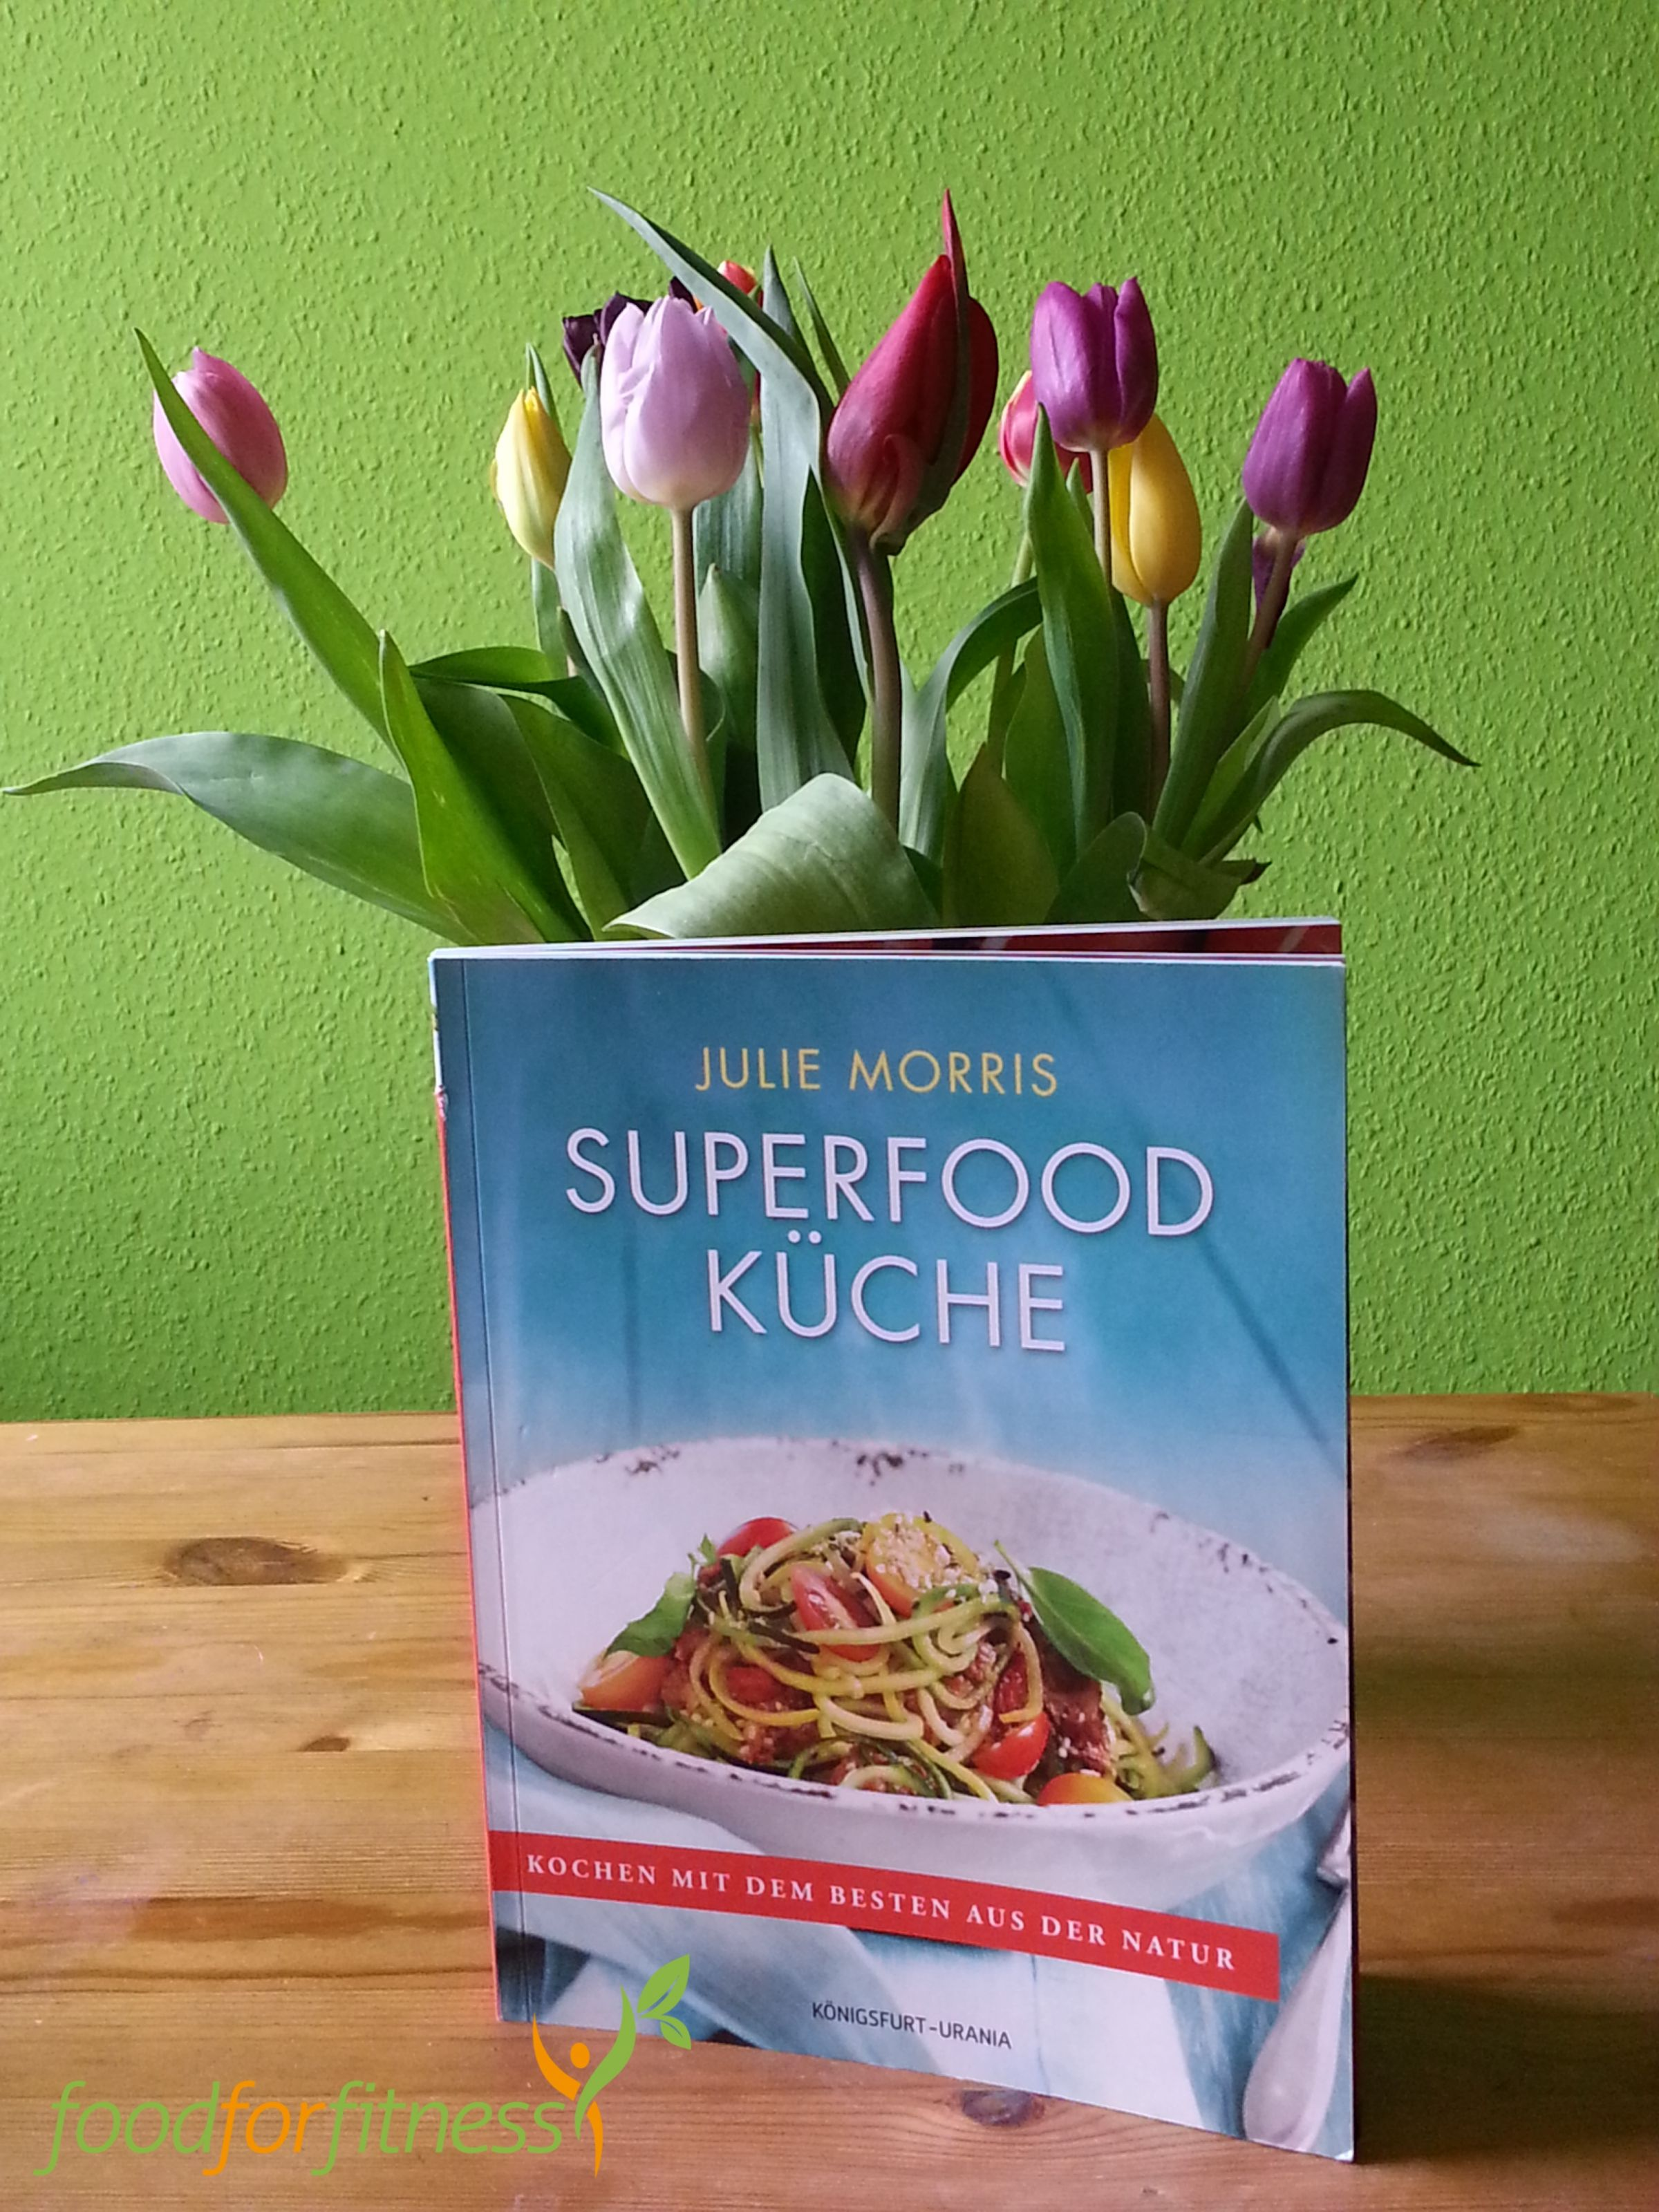 Unsere Buchrezension zum neuen Superfood-Kochbuch von Julie Morris